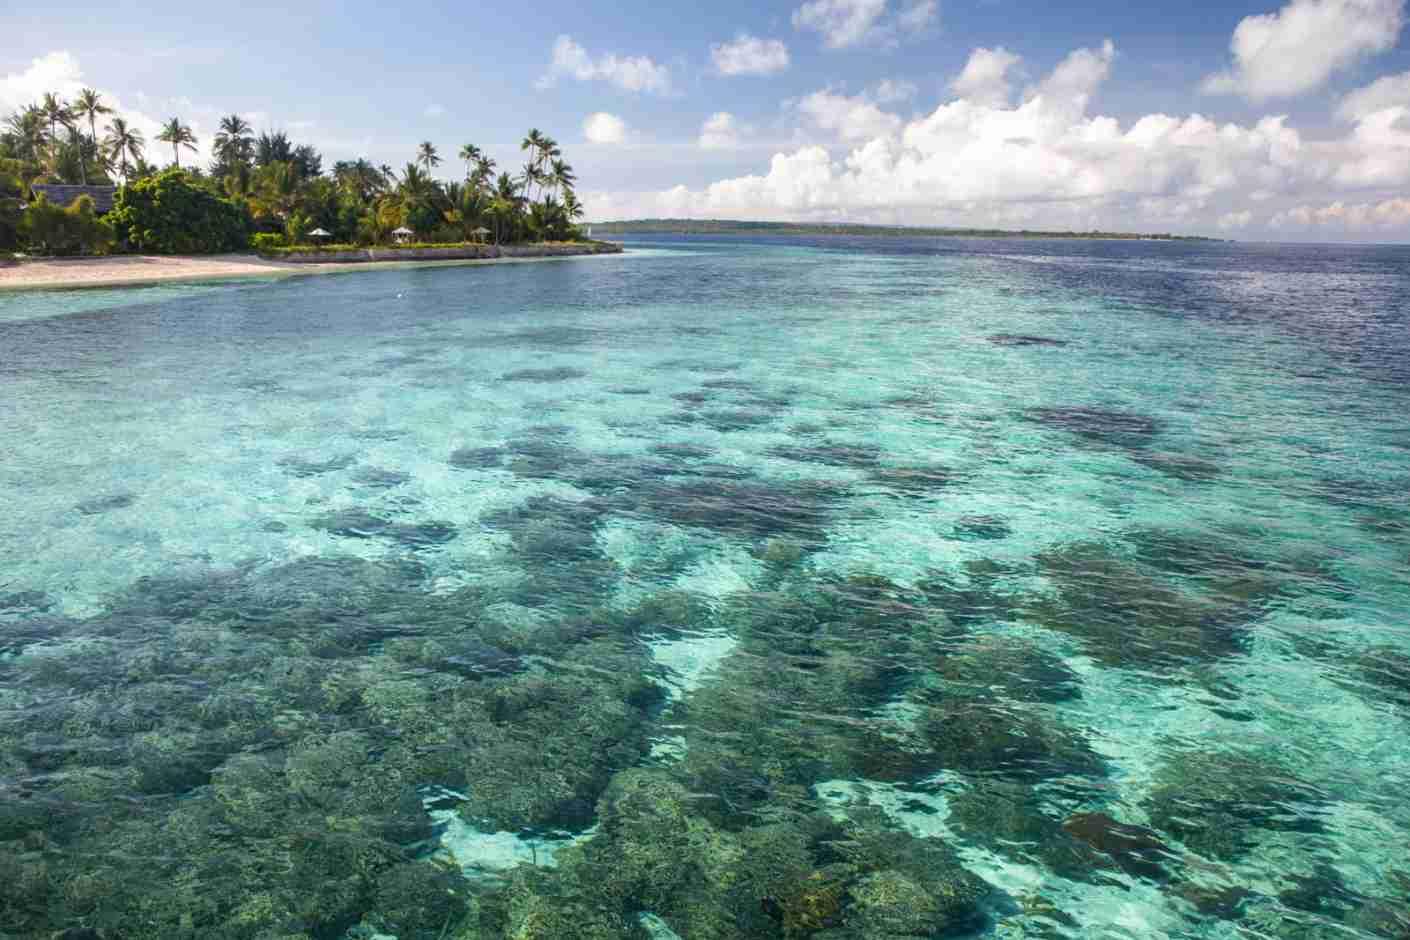 Wakatobi Islands. (Photo via Shutterstock)